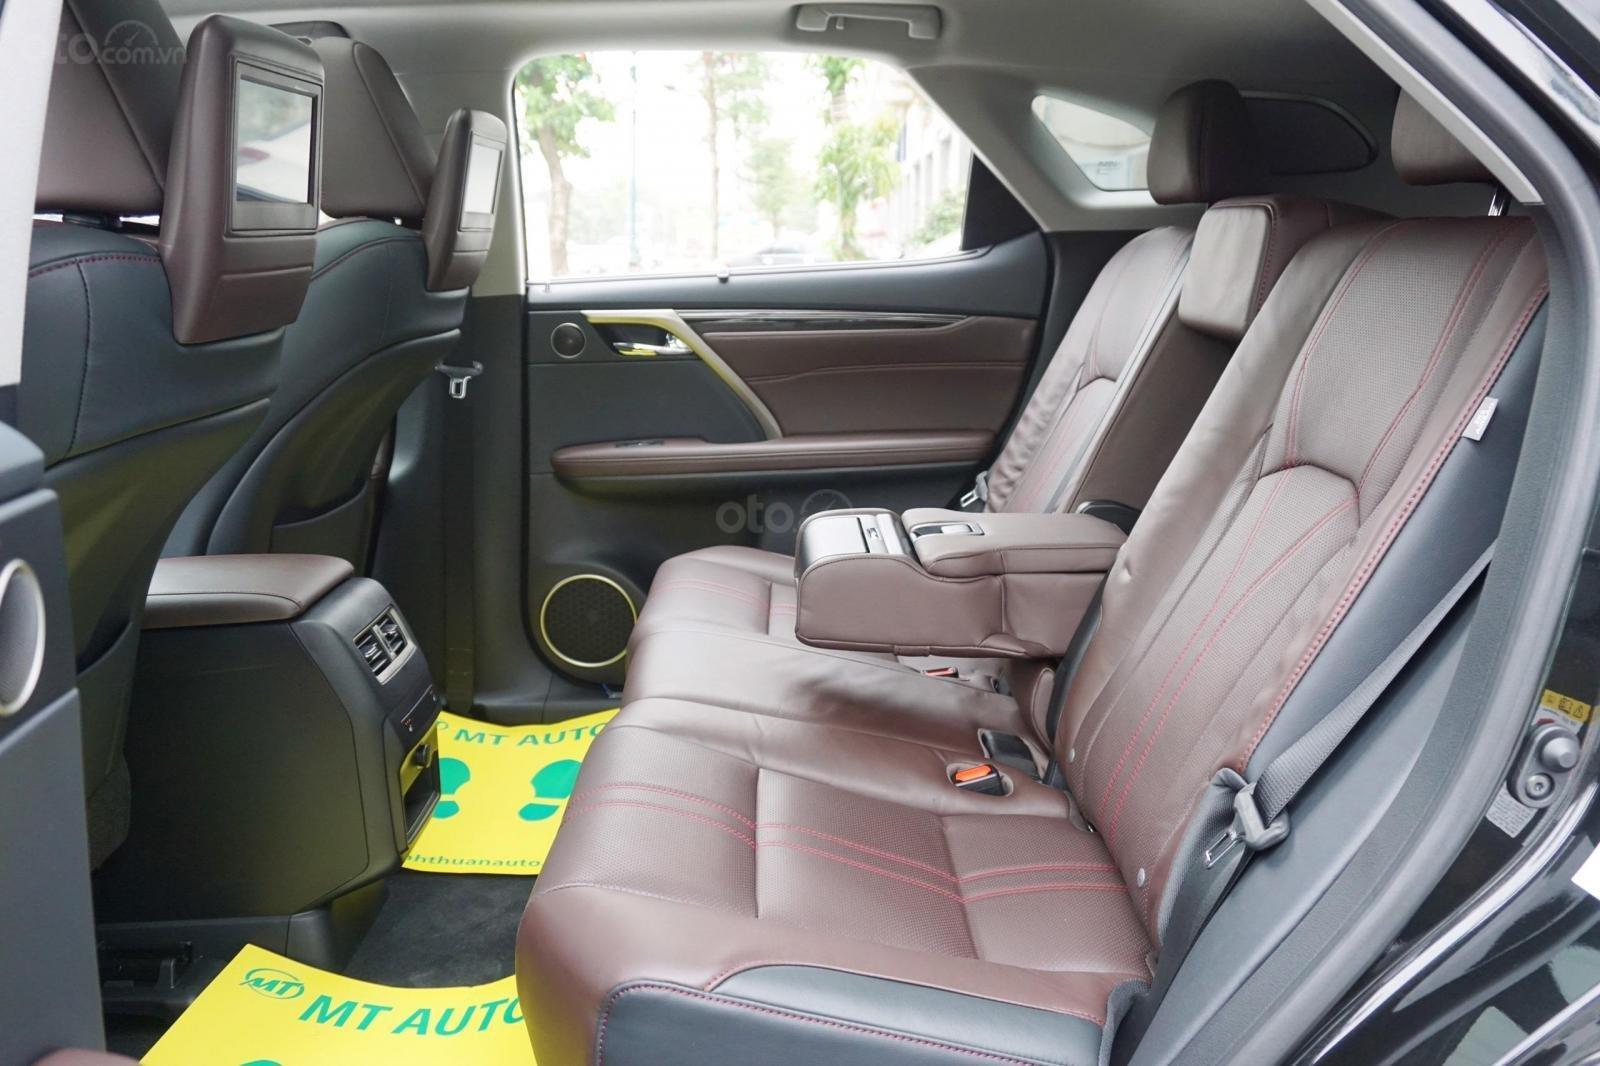 Bán ô tô Lexus RX 350 SX 2019, xe nhập Mỹ full kịch options, giá tốt, giao ngay toàn quốc, LH 093.996.2368 Ms Ngọc Vy (20)